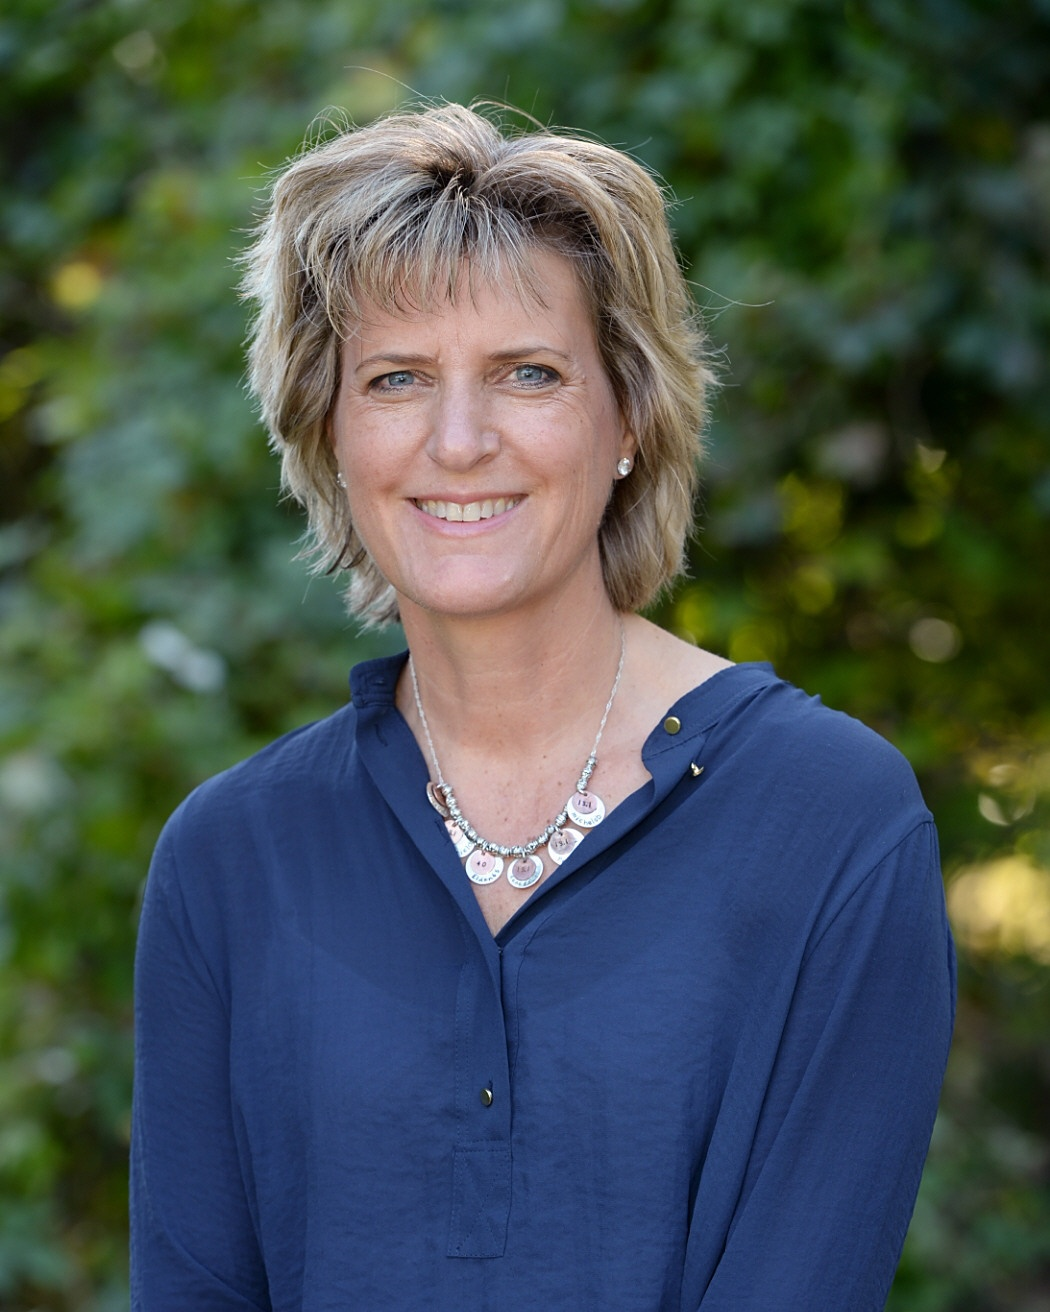 Julia Gabriele: Asst. Head of School for Finance & Operations